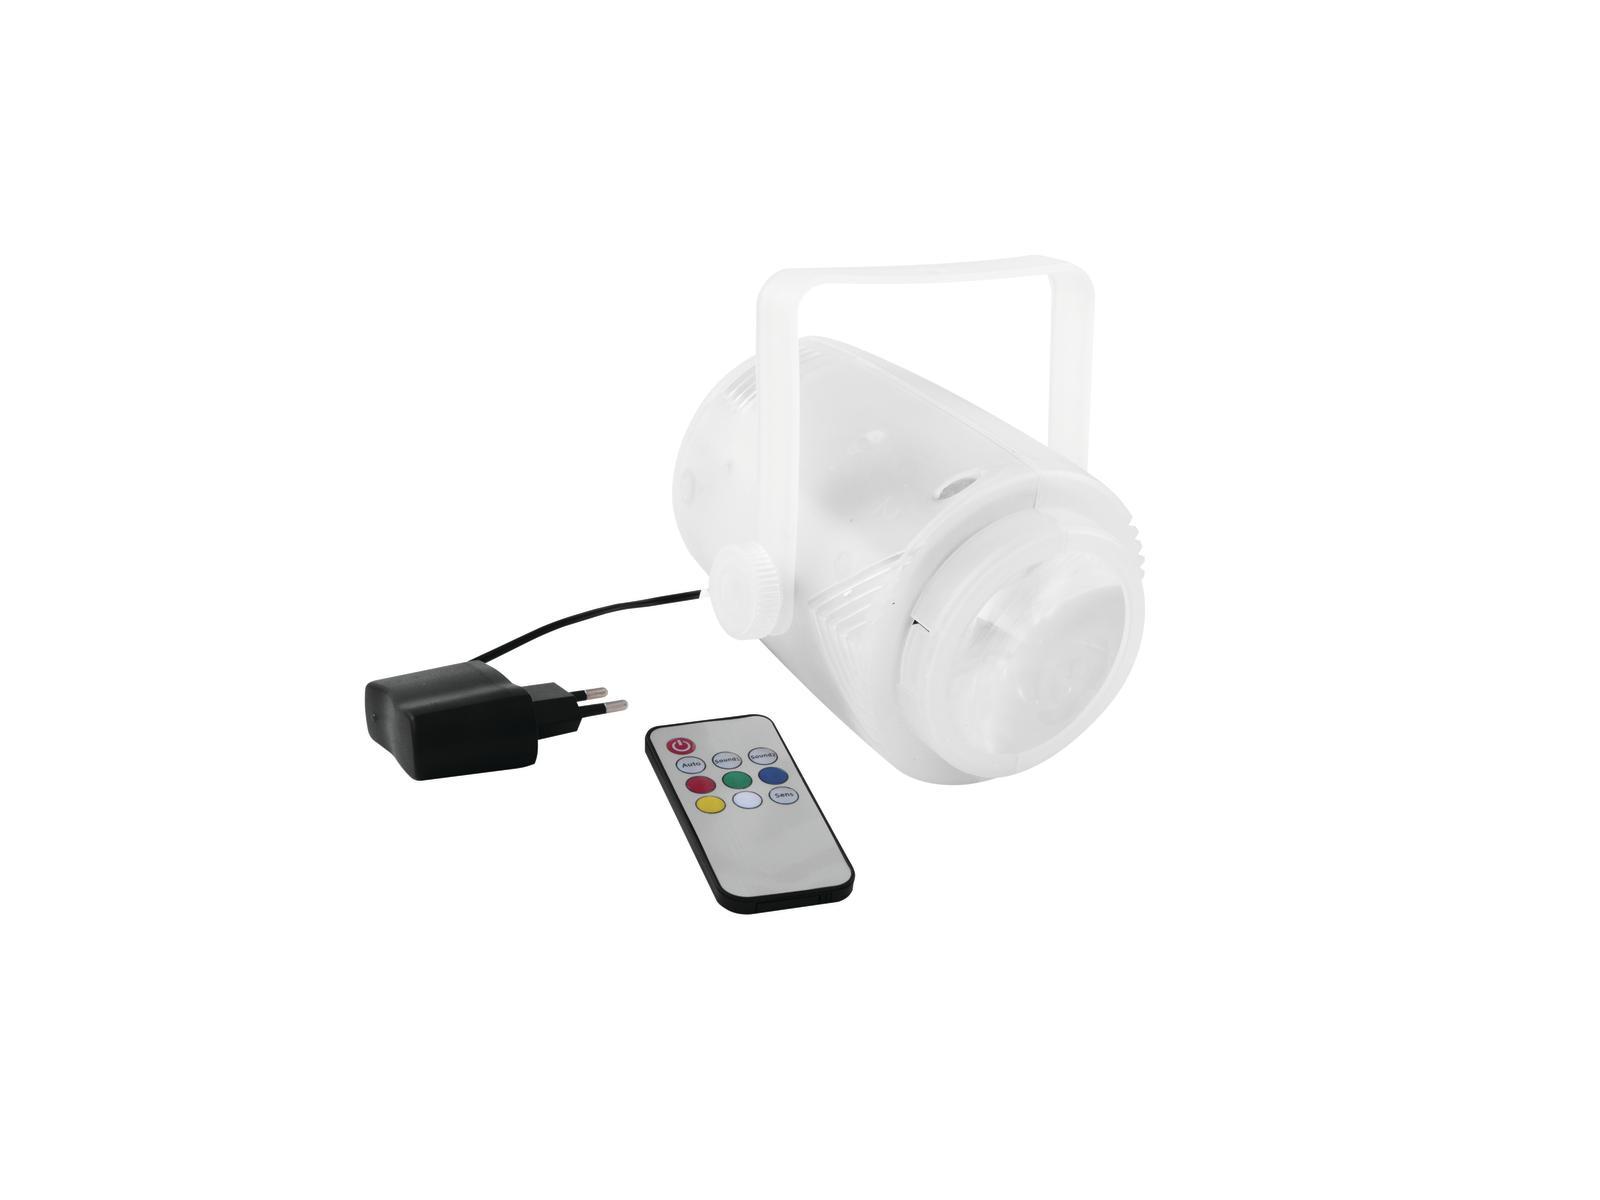 Eurolite LED Moon AKKU 5x3W RGBAW, IR, dobíjecí baterie